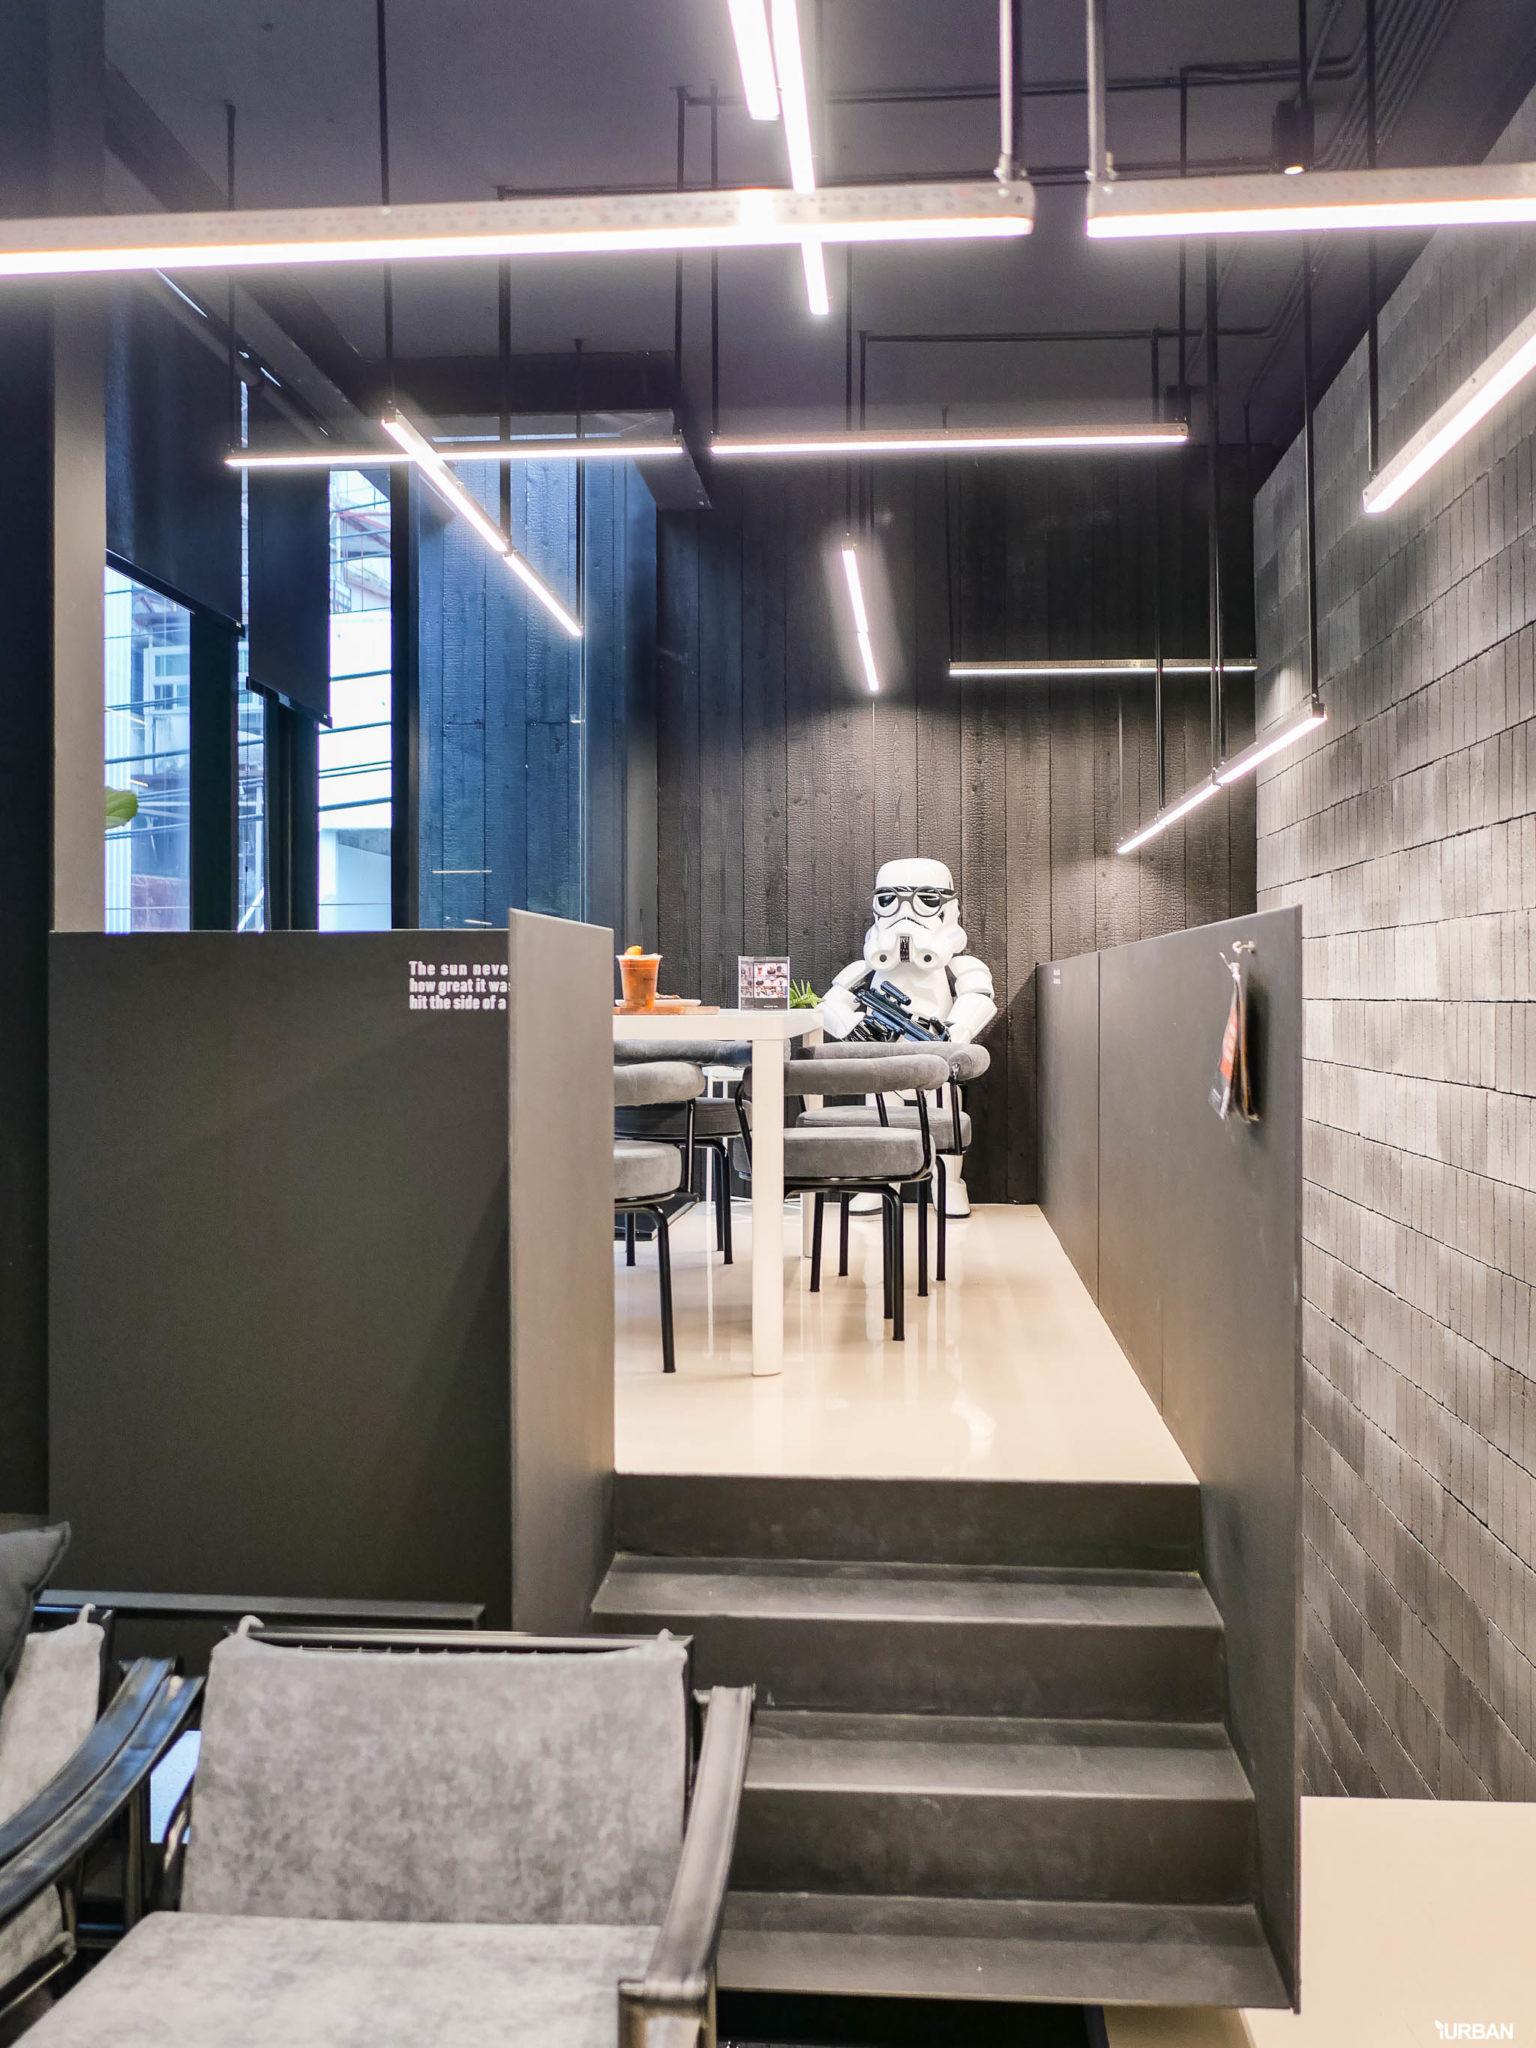 8 คาเฟ่ จตุจักร และร้านกาแฟที่ Unique ดีมีสไตล์น่าสนใจ เหมาะกับไลฟ์สไตล์วันชิลๆ 98 - Premium